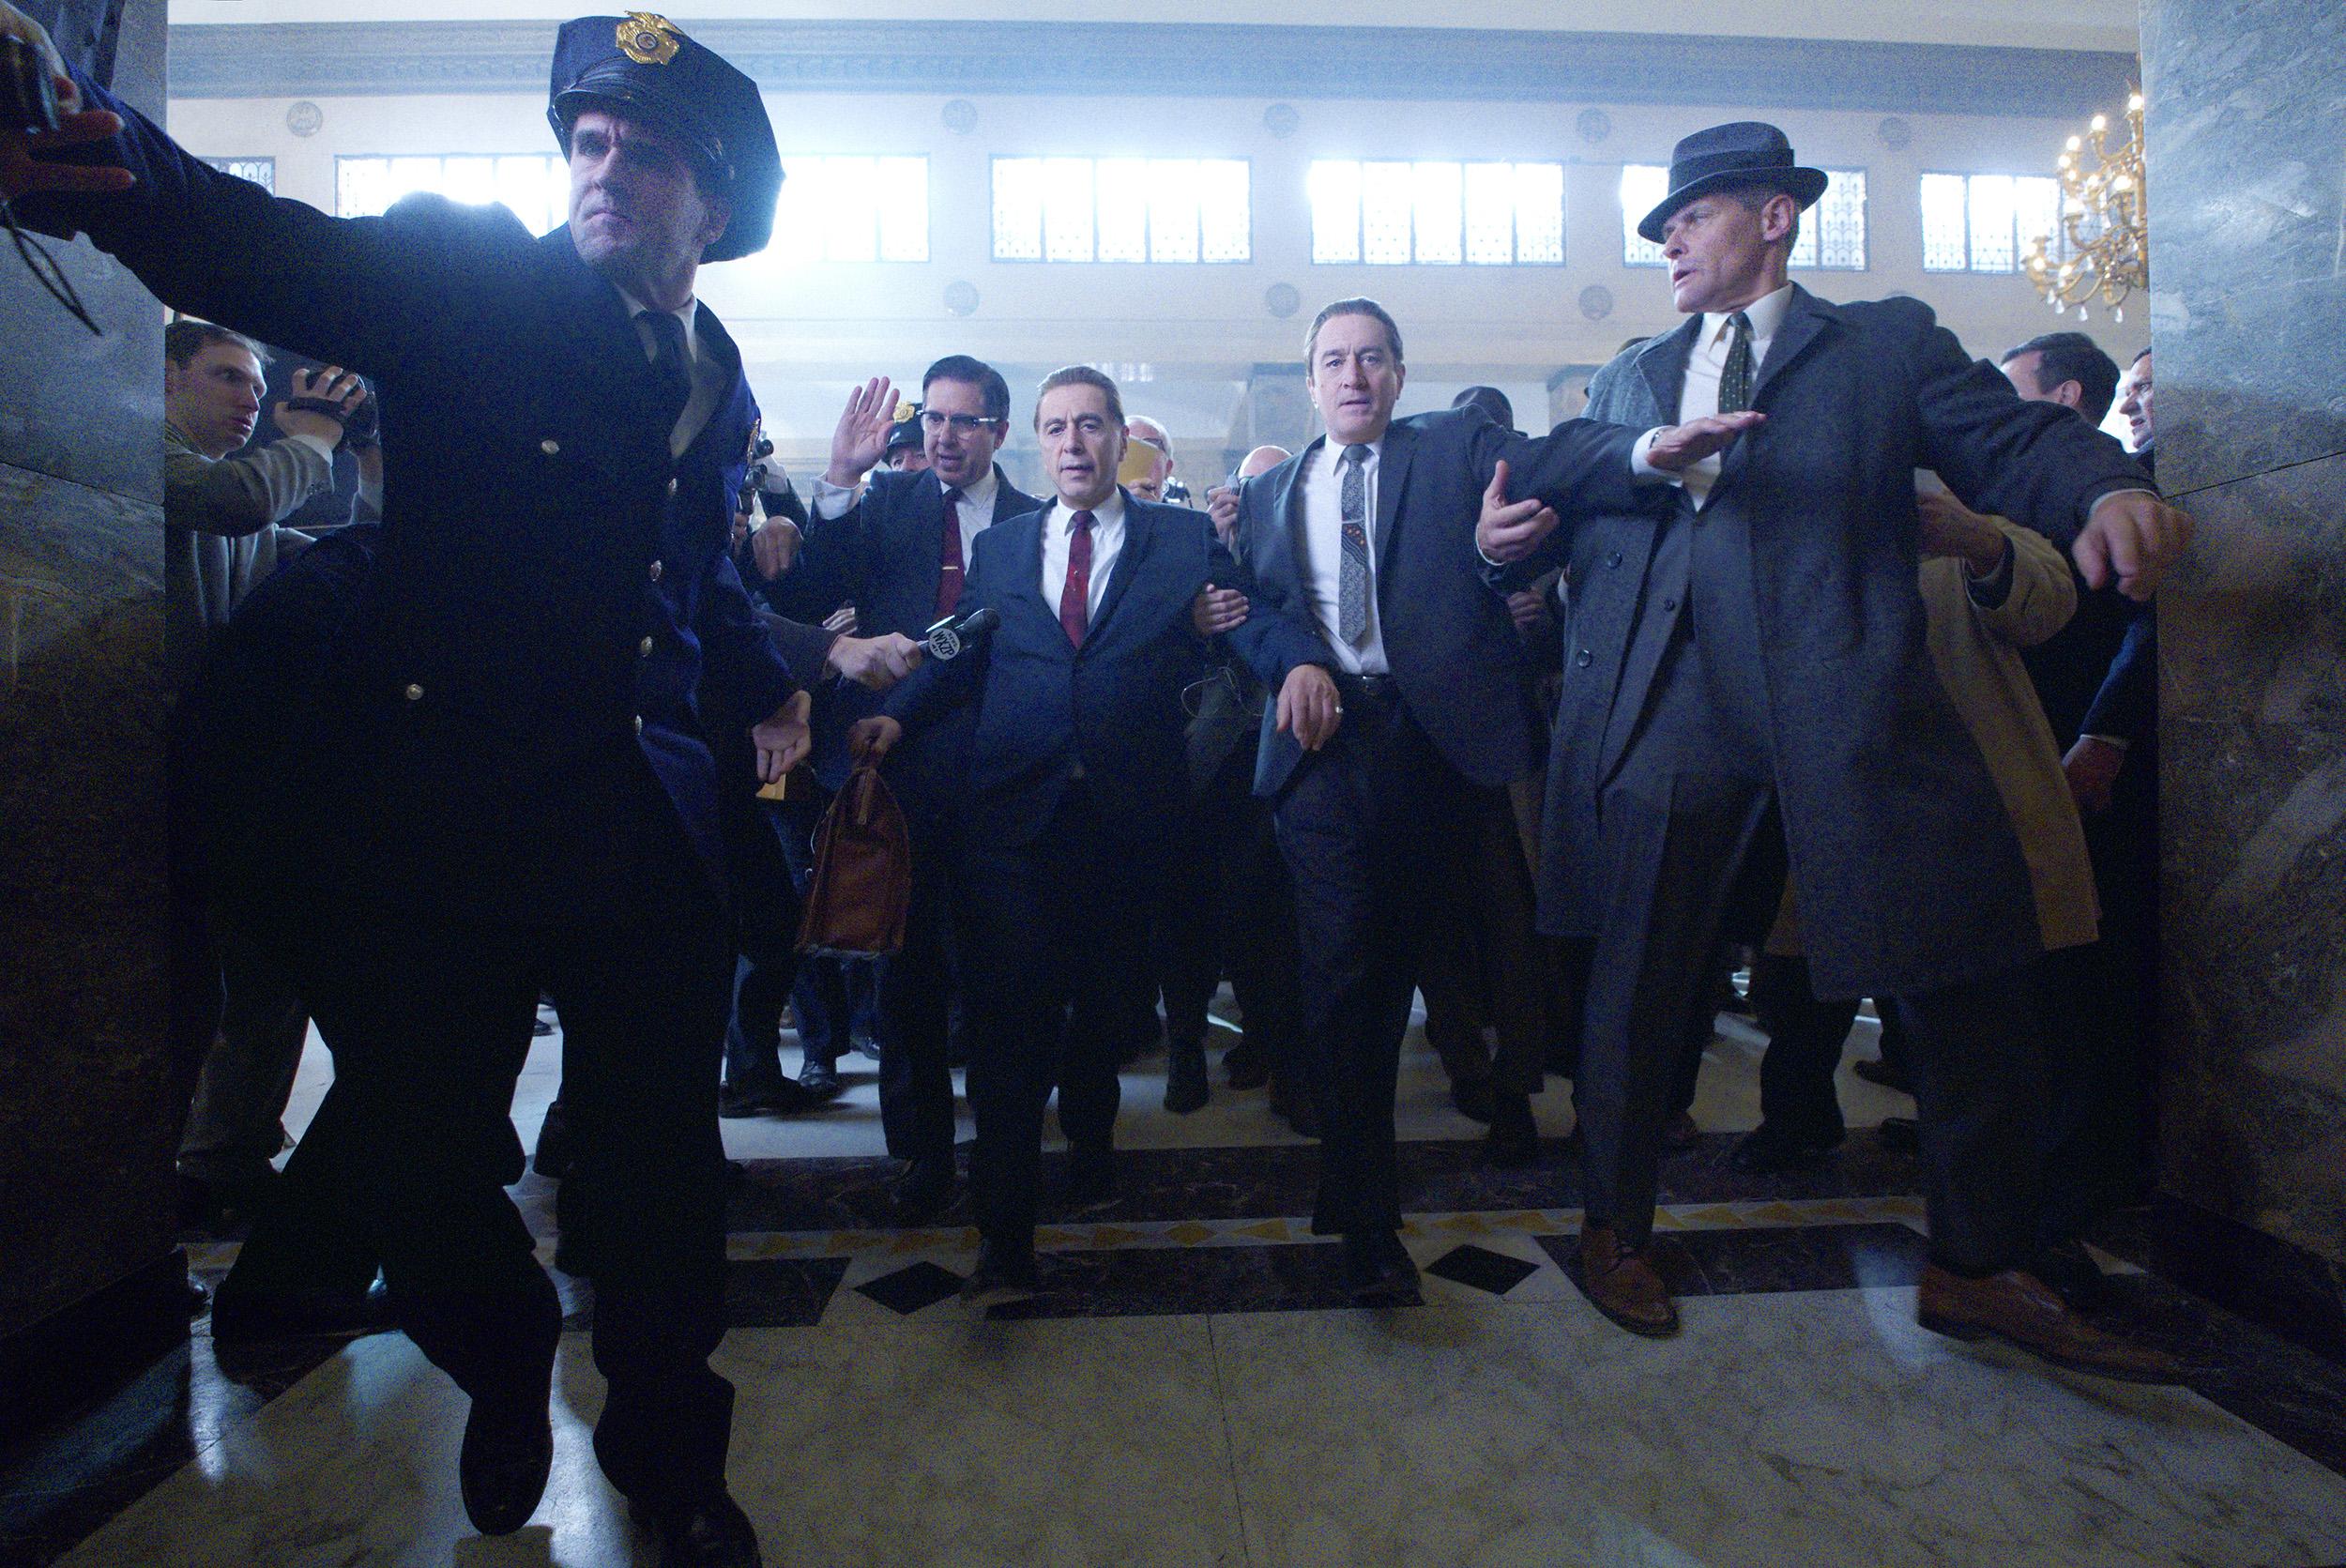 RomaFF14: The Irishman, l'epopea criminale di Scorsese